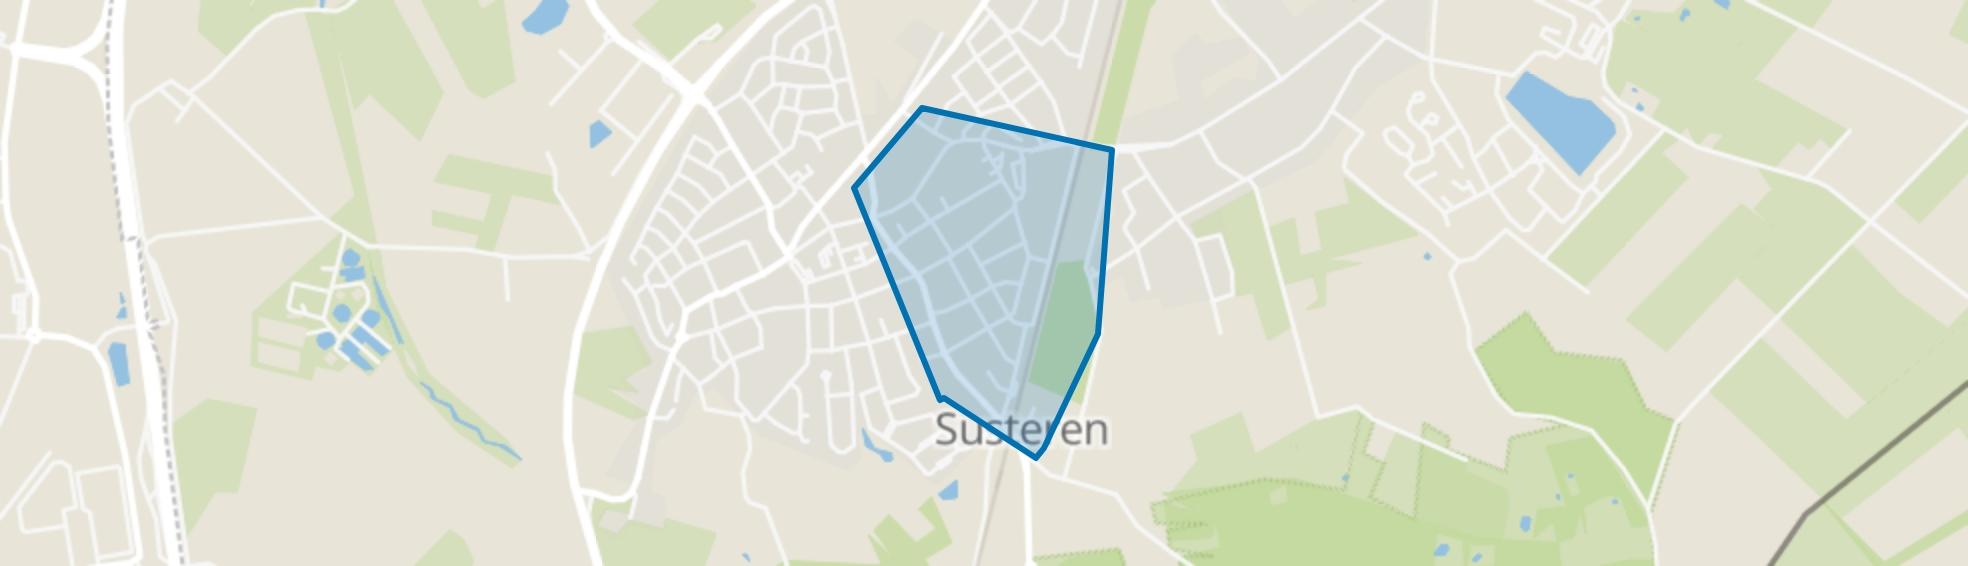 Mariaveld, Susteren map